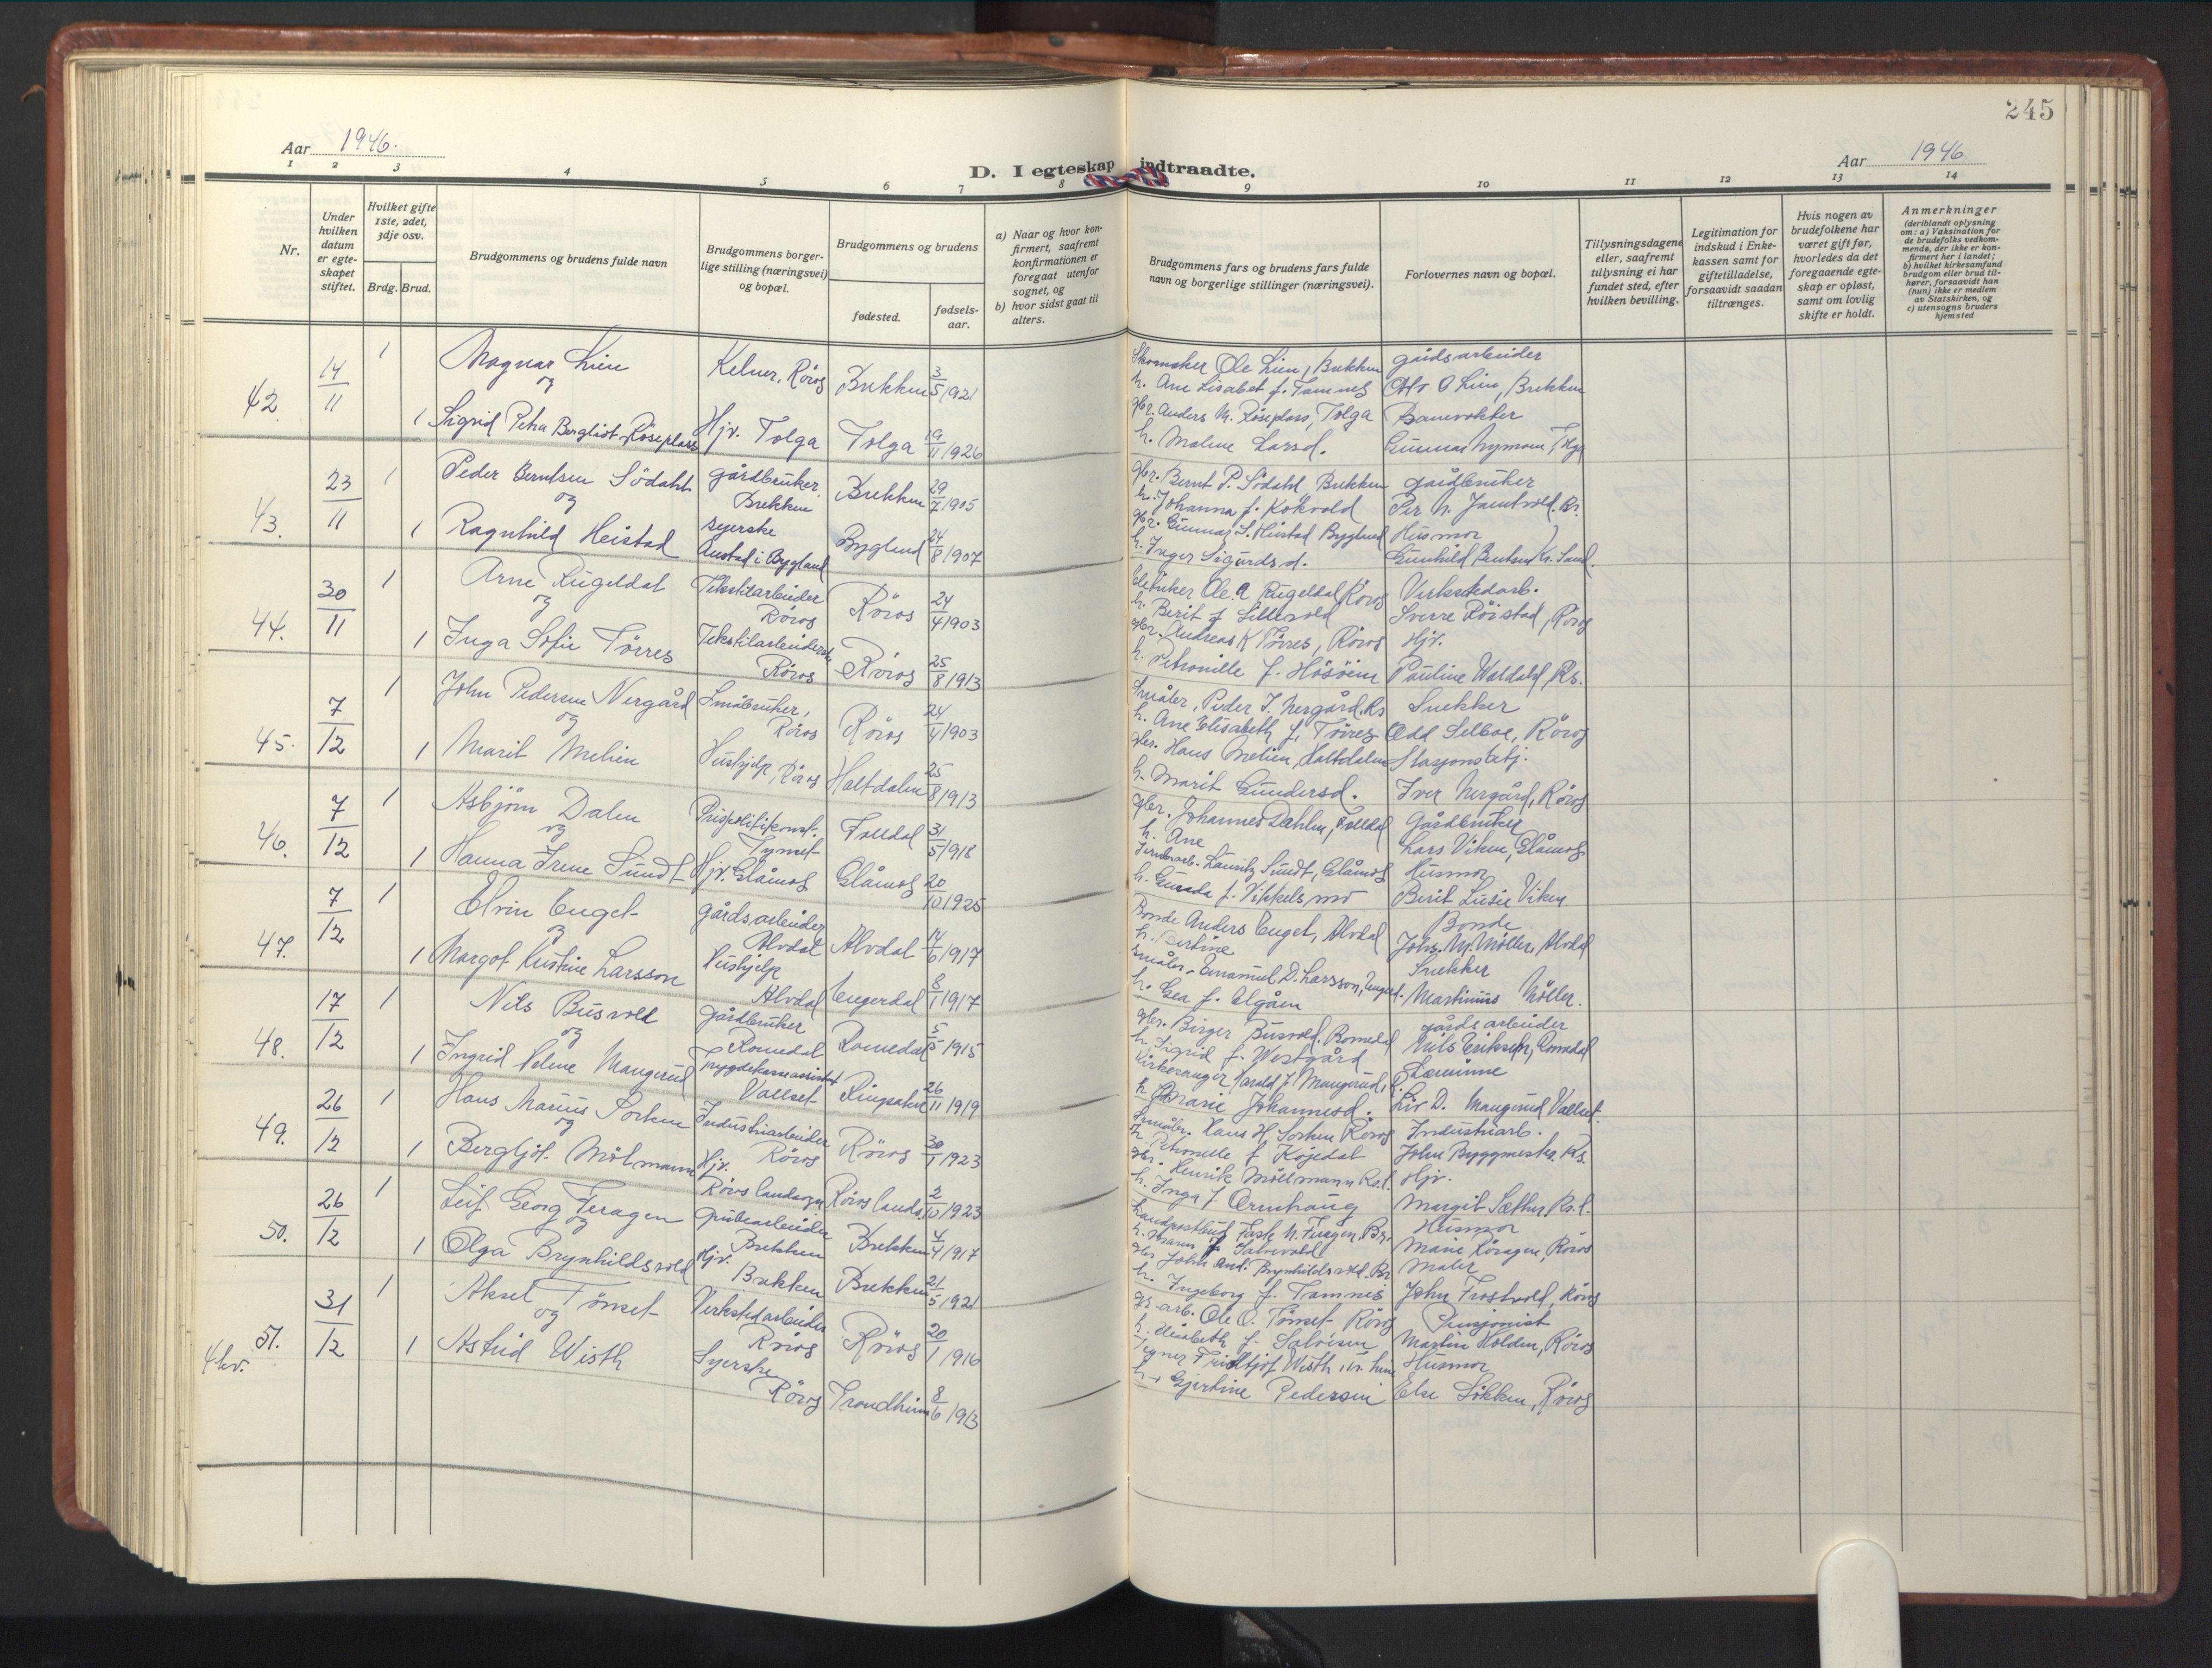 SAT, Ministerialprotokoller, klokkerbøker og fødselsregistre - Sør-Trøndelag, 681/L0943: Klokkerbok nr. 681C07, 1926-1954, s. 245